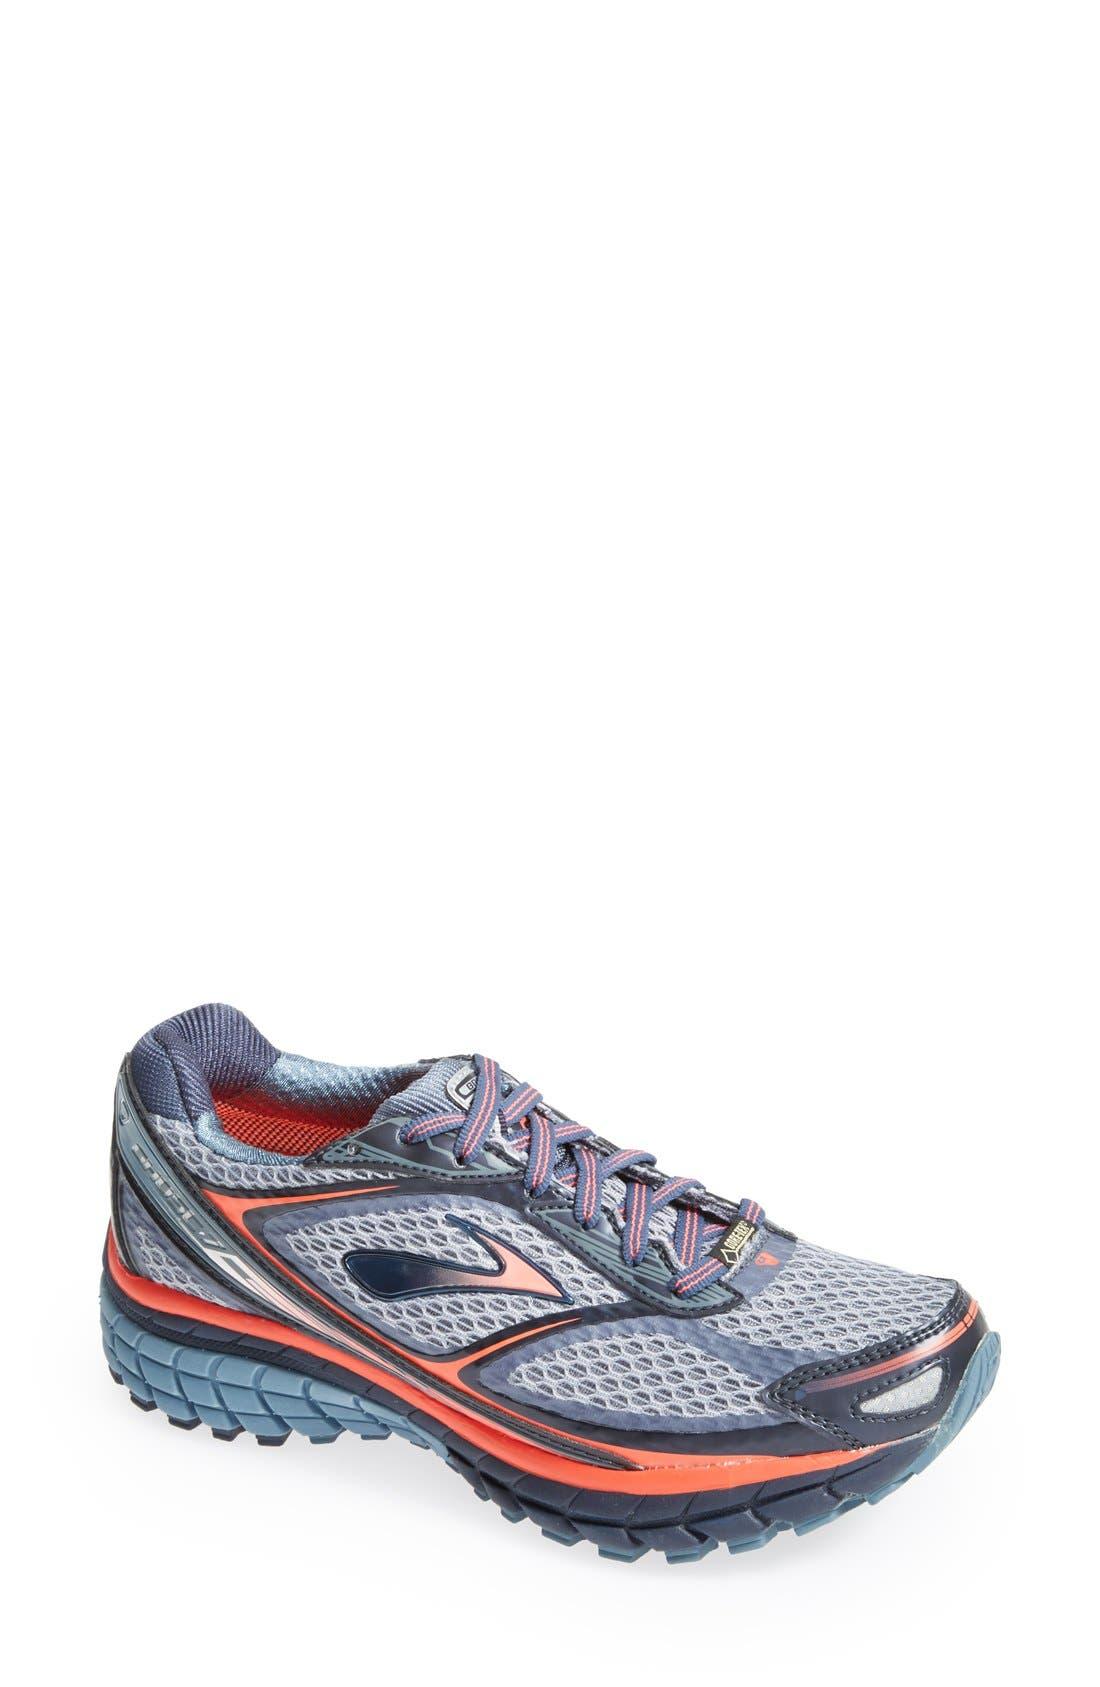 Main Image - Brooks 'Ghost 7 GTX' Waterproof Running Shoe (Women)